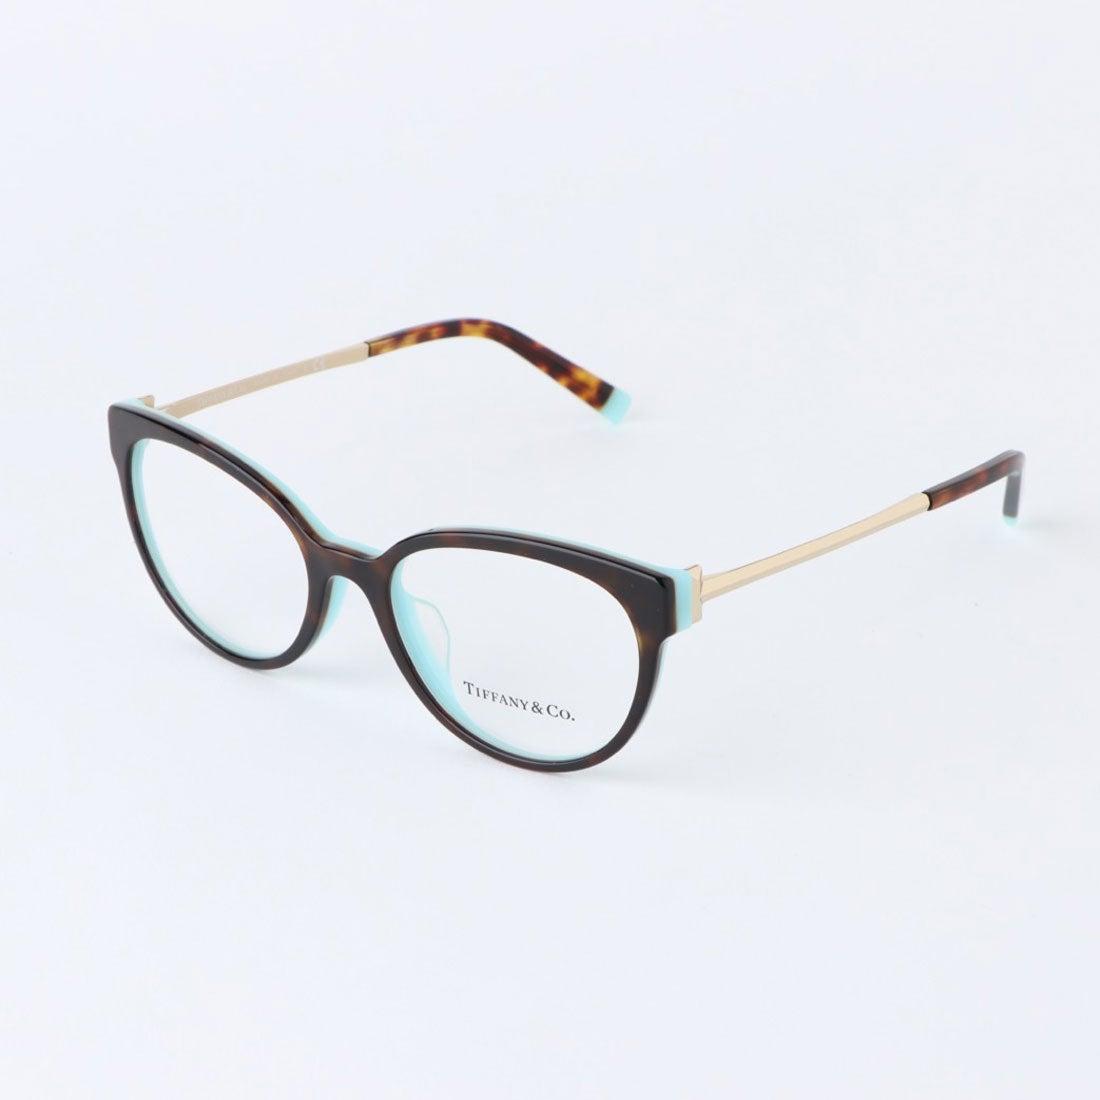 ティファニー TIFFANY メガネ 眼鏡 アイウェア レディース メンズ (ハバナ)